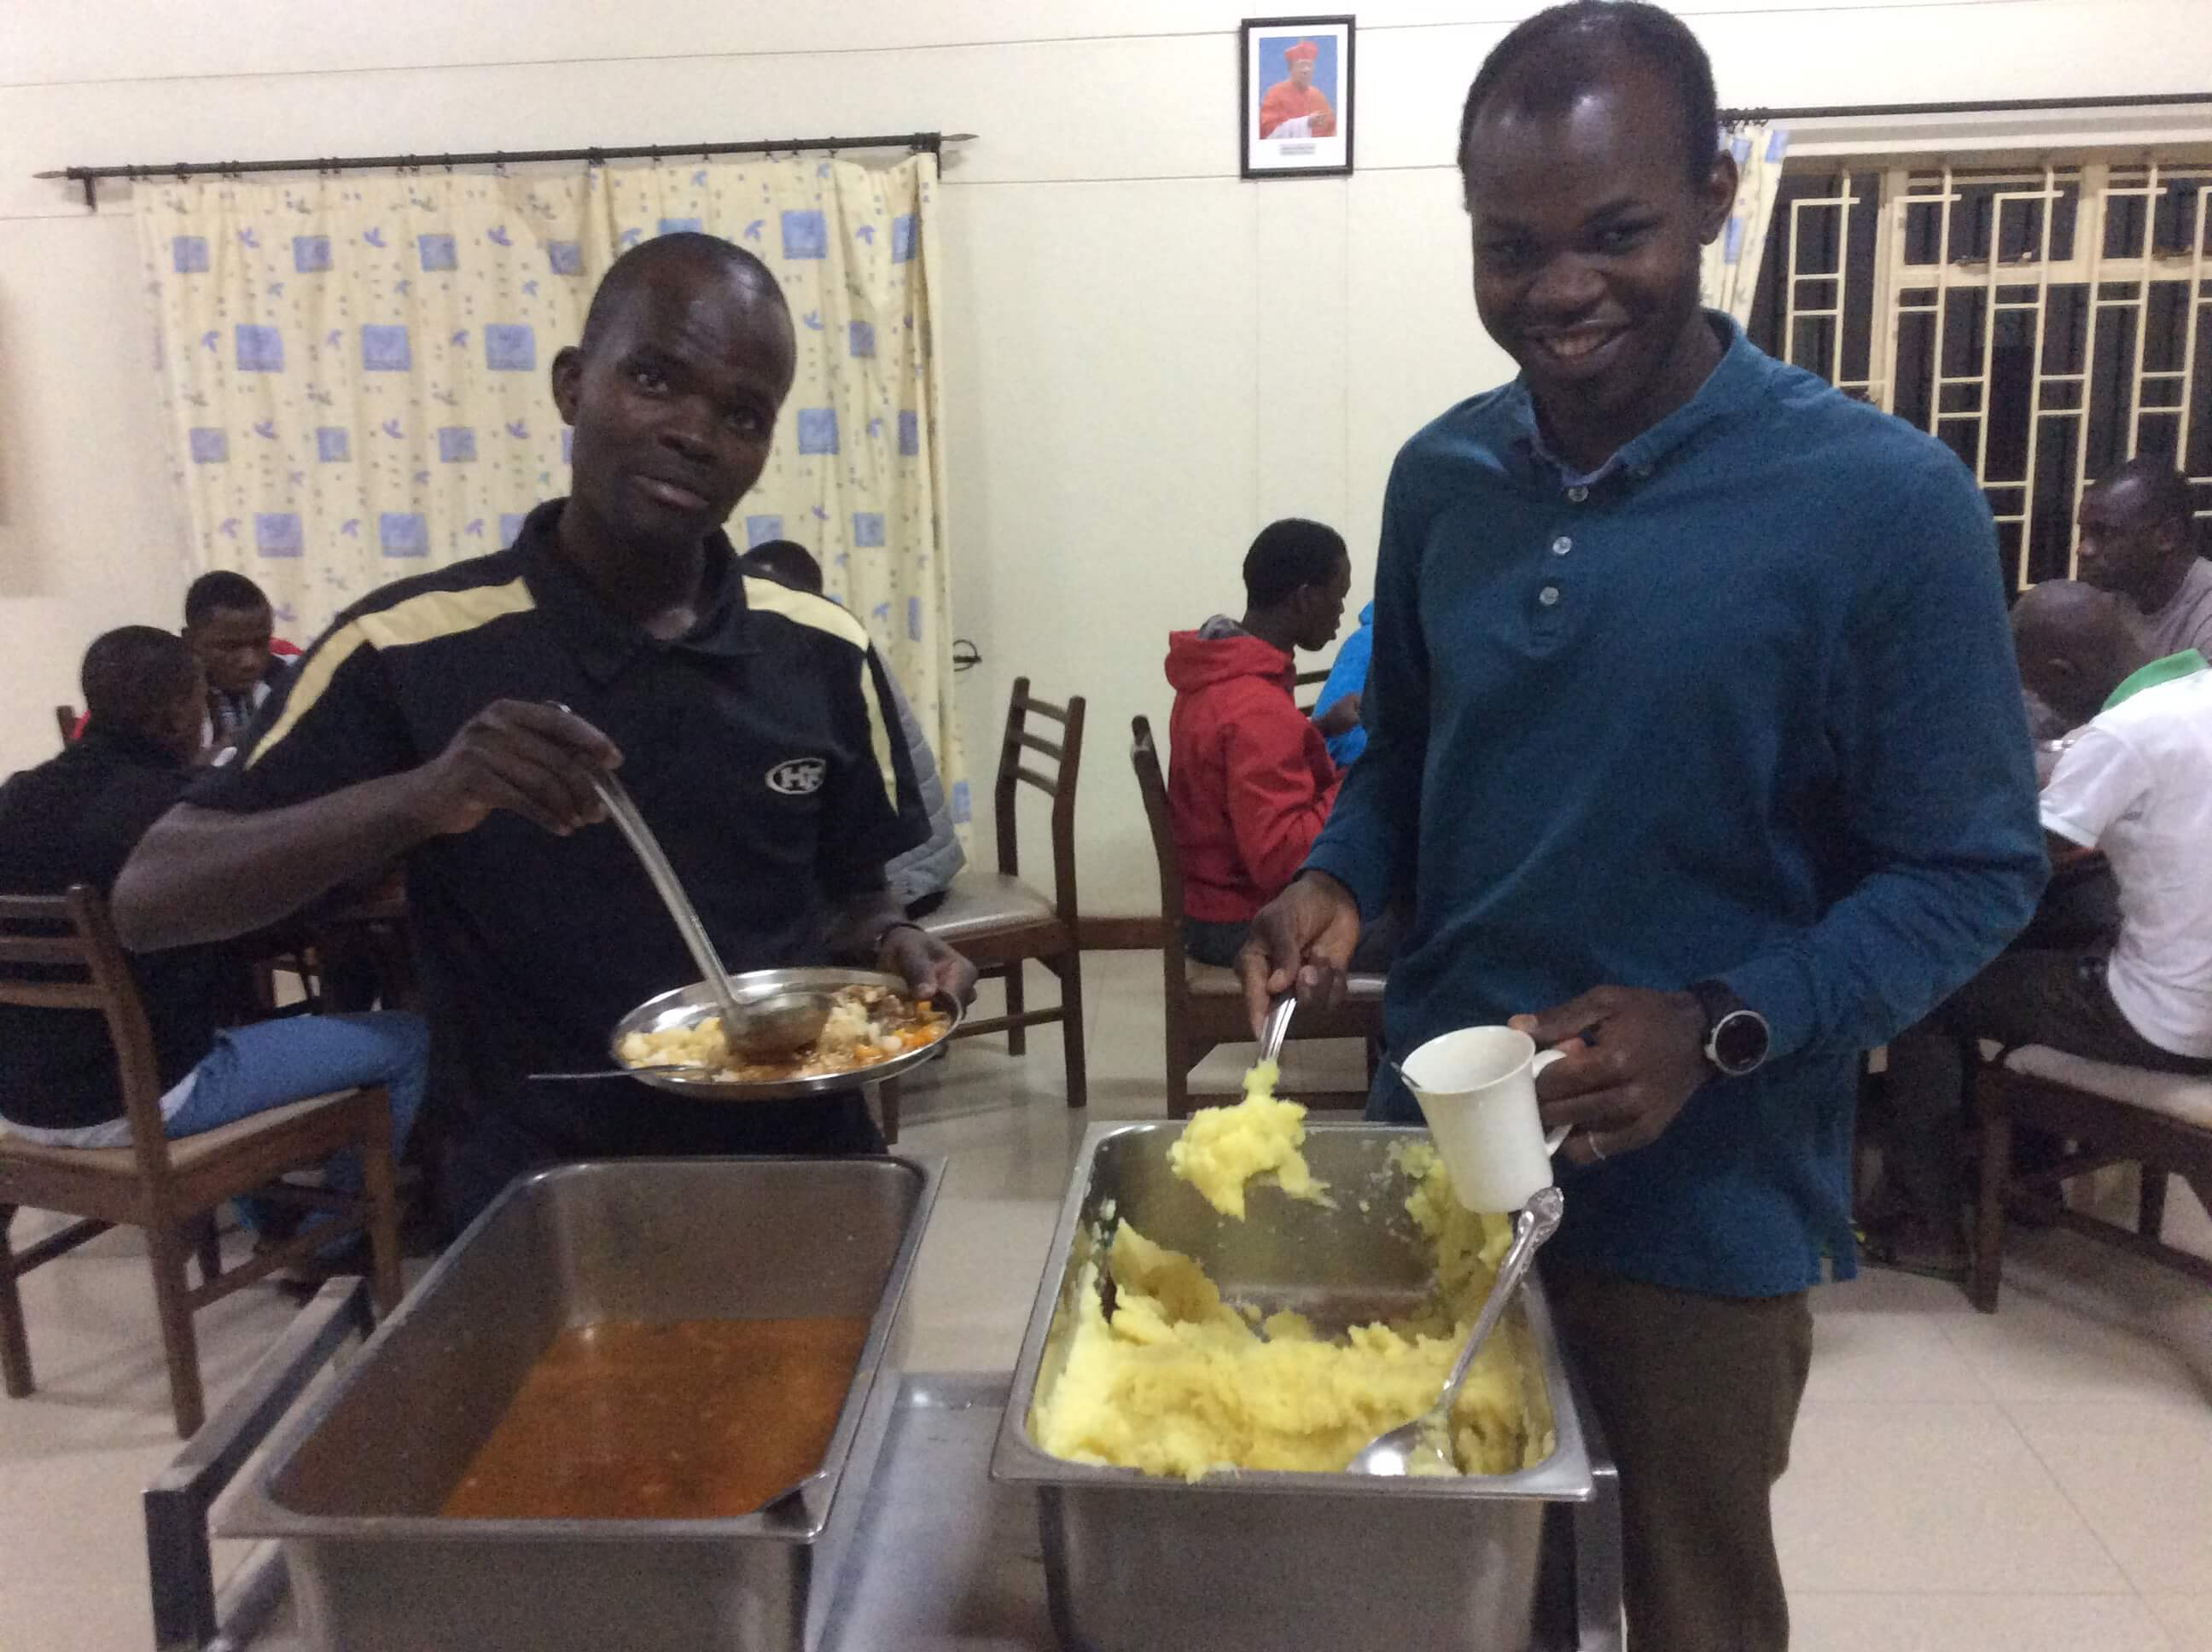 SMA Seminarians - At Dinner, December 2019